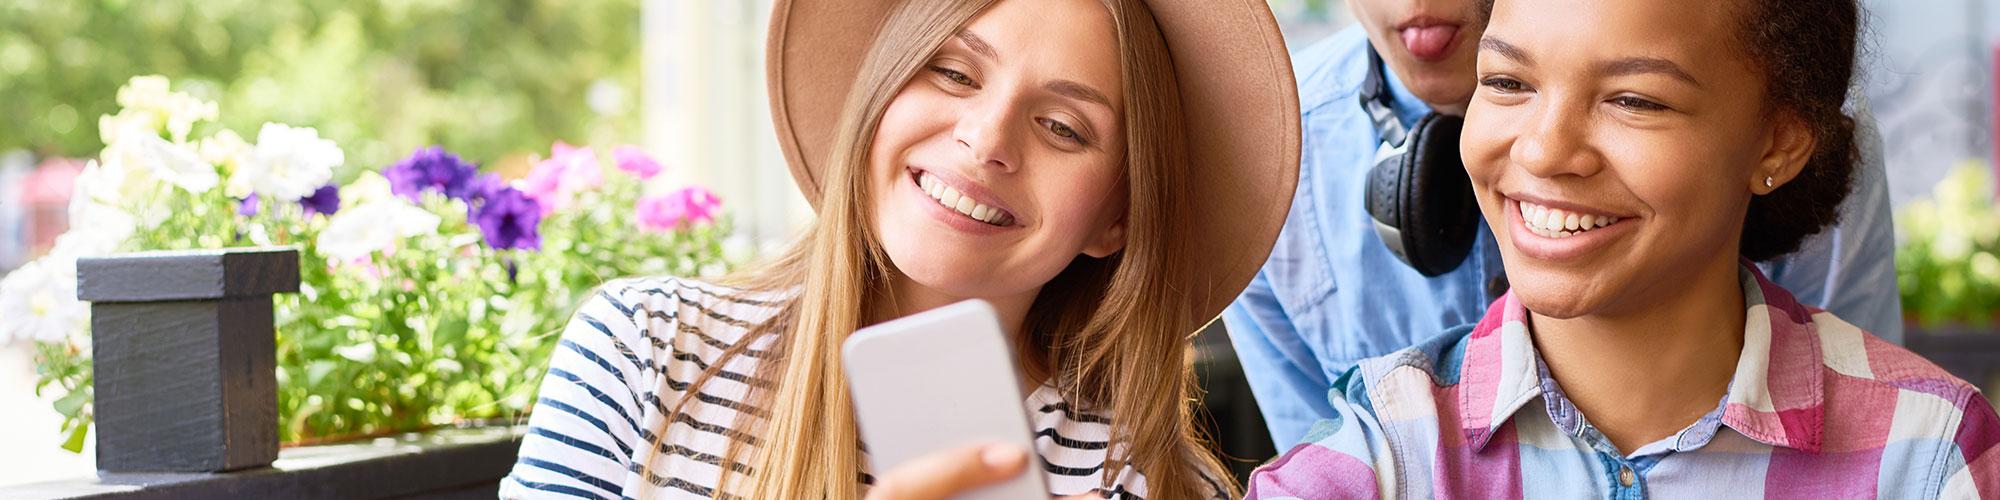 Teenager nehmen ein Selfie auf